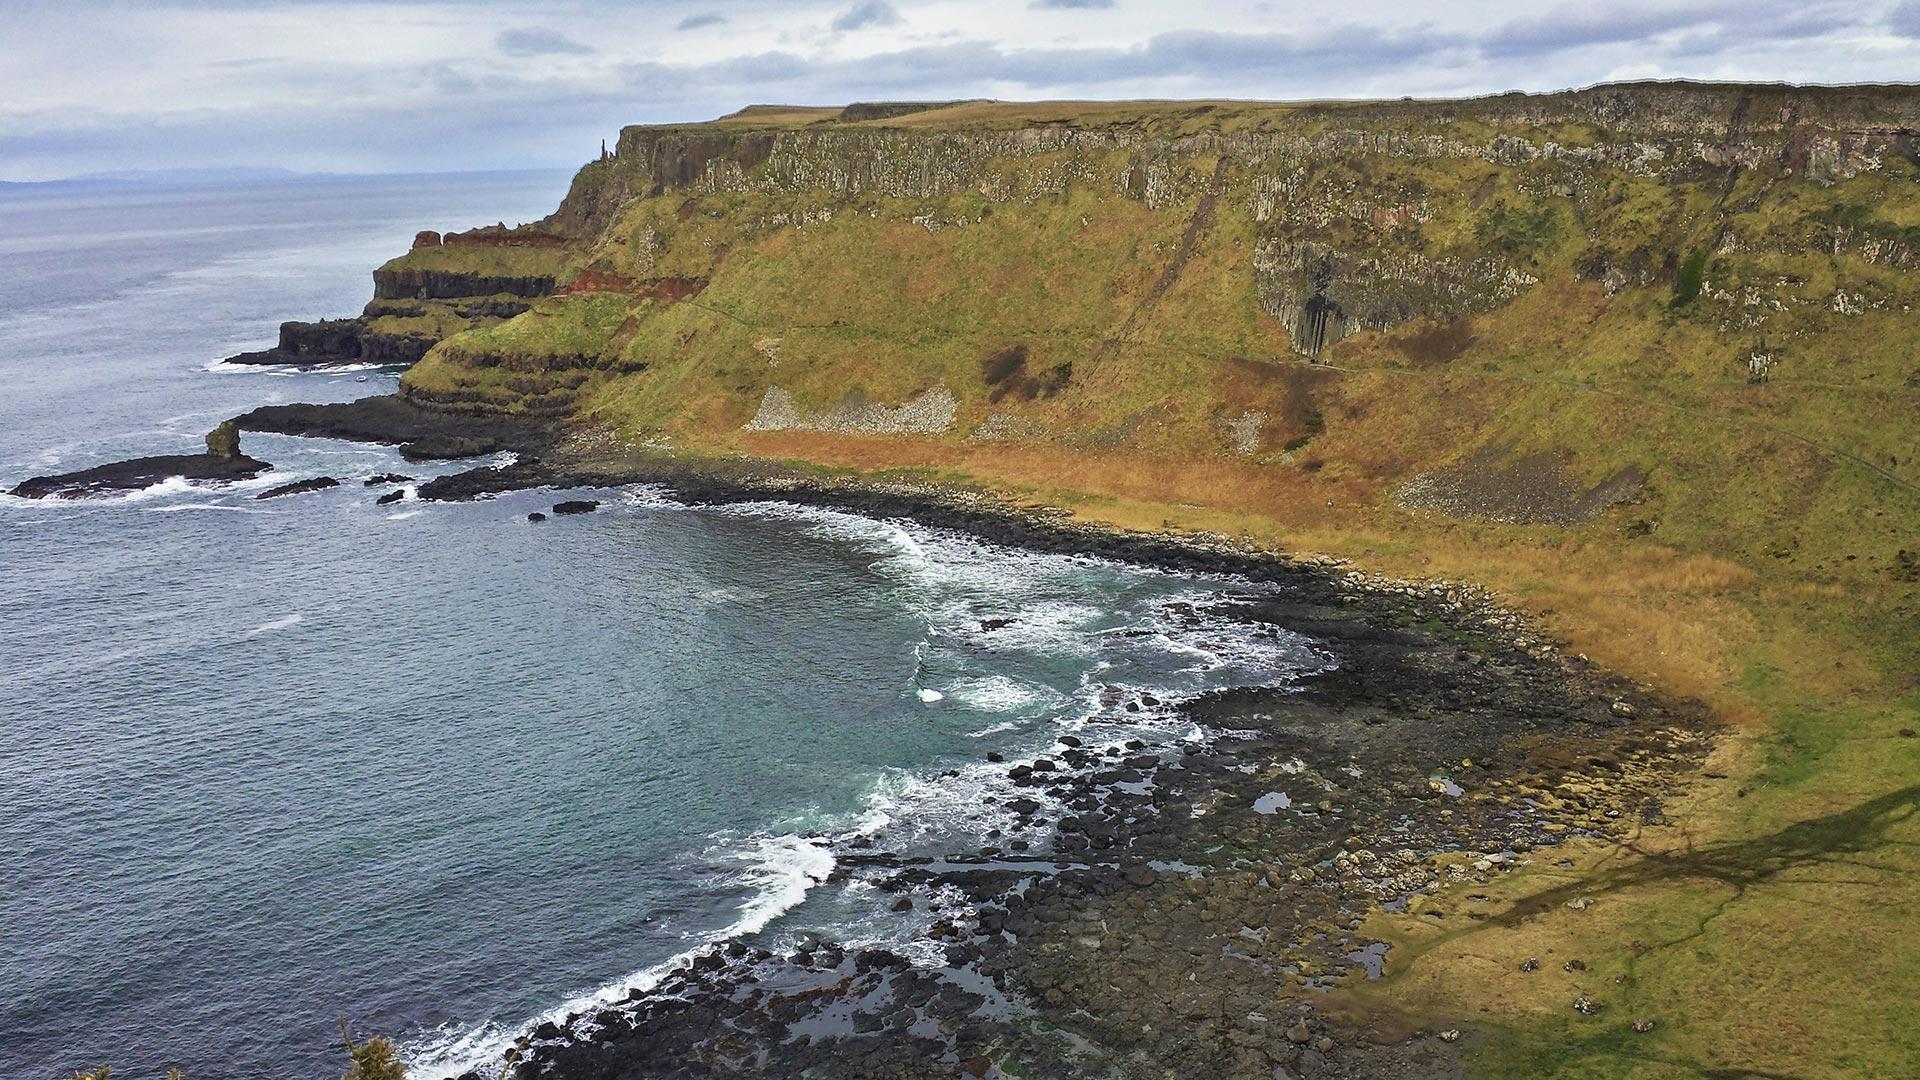 Bay in Antrim